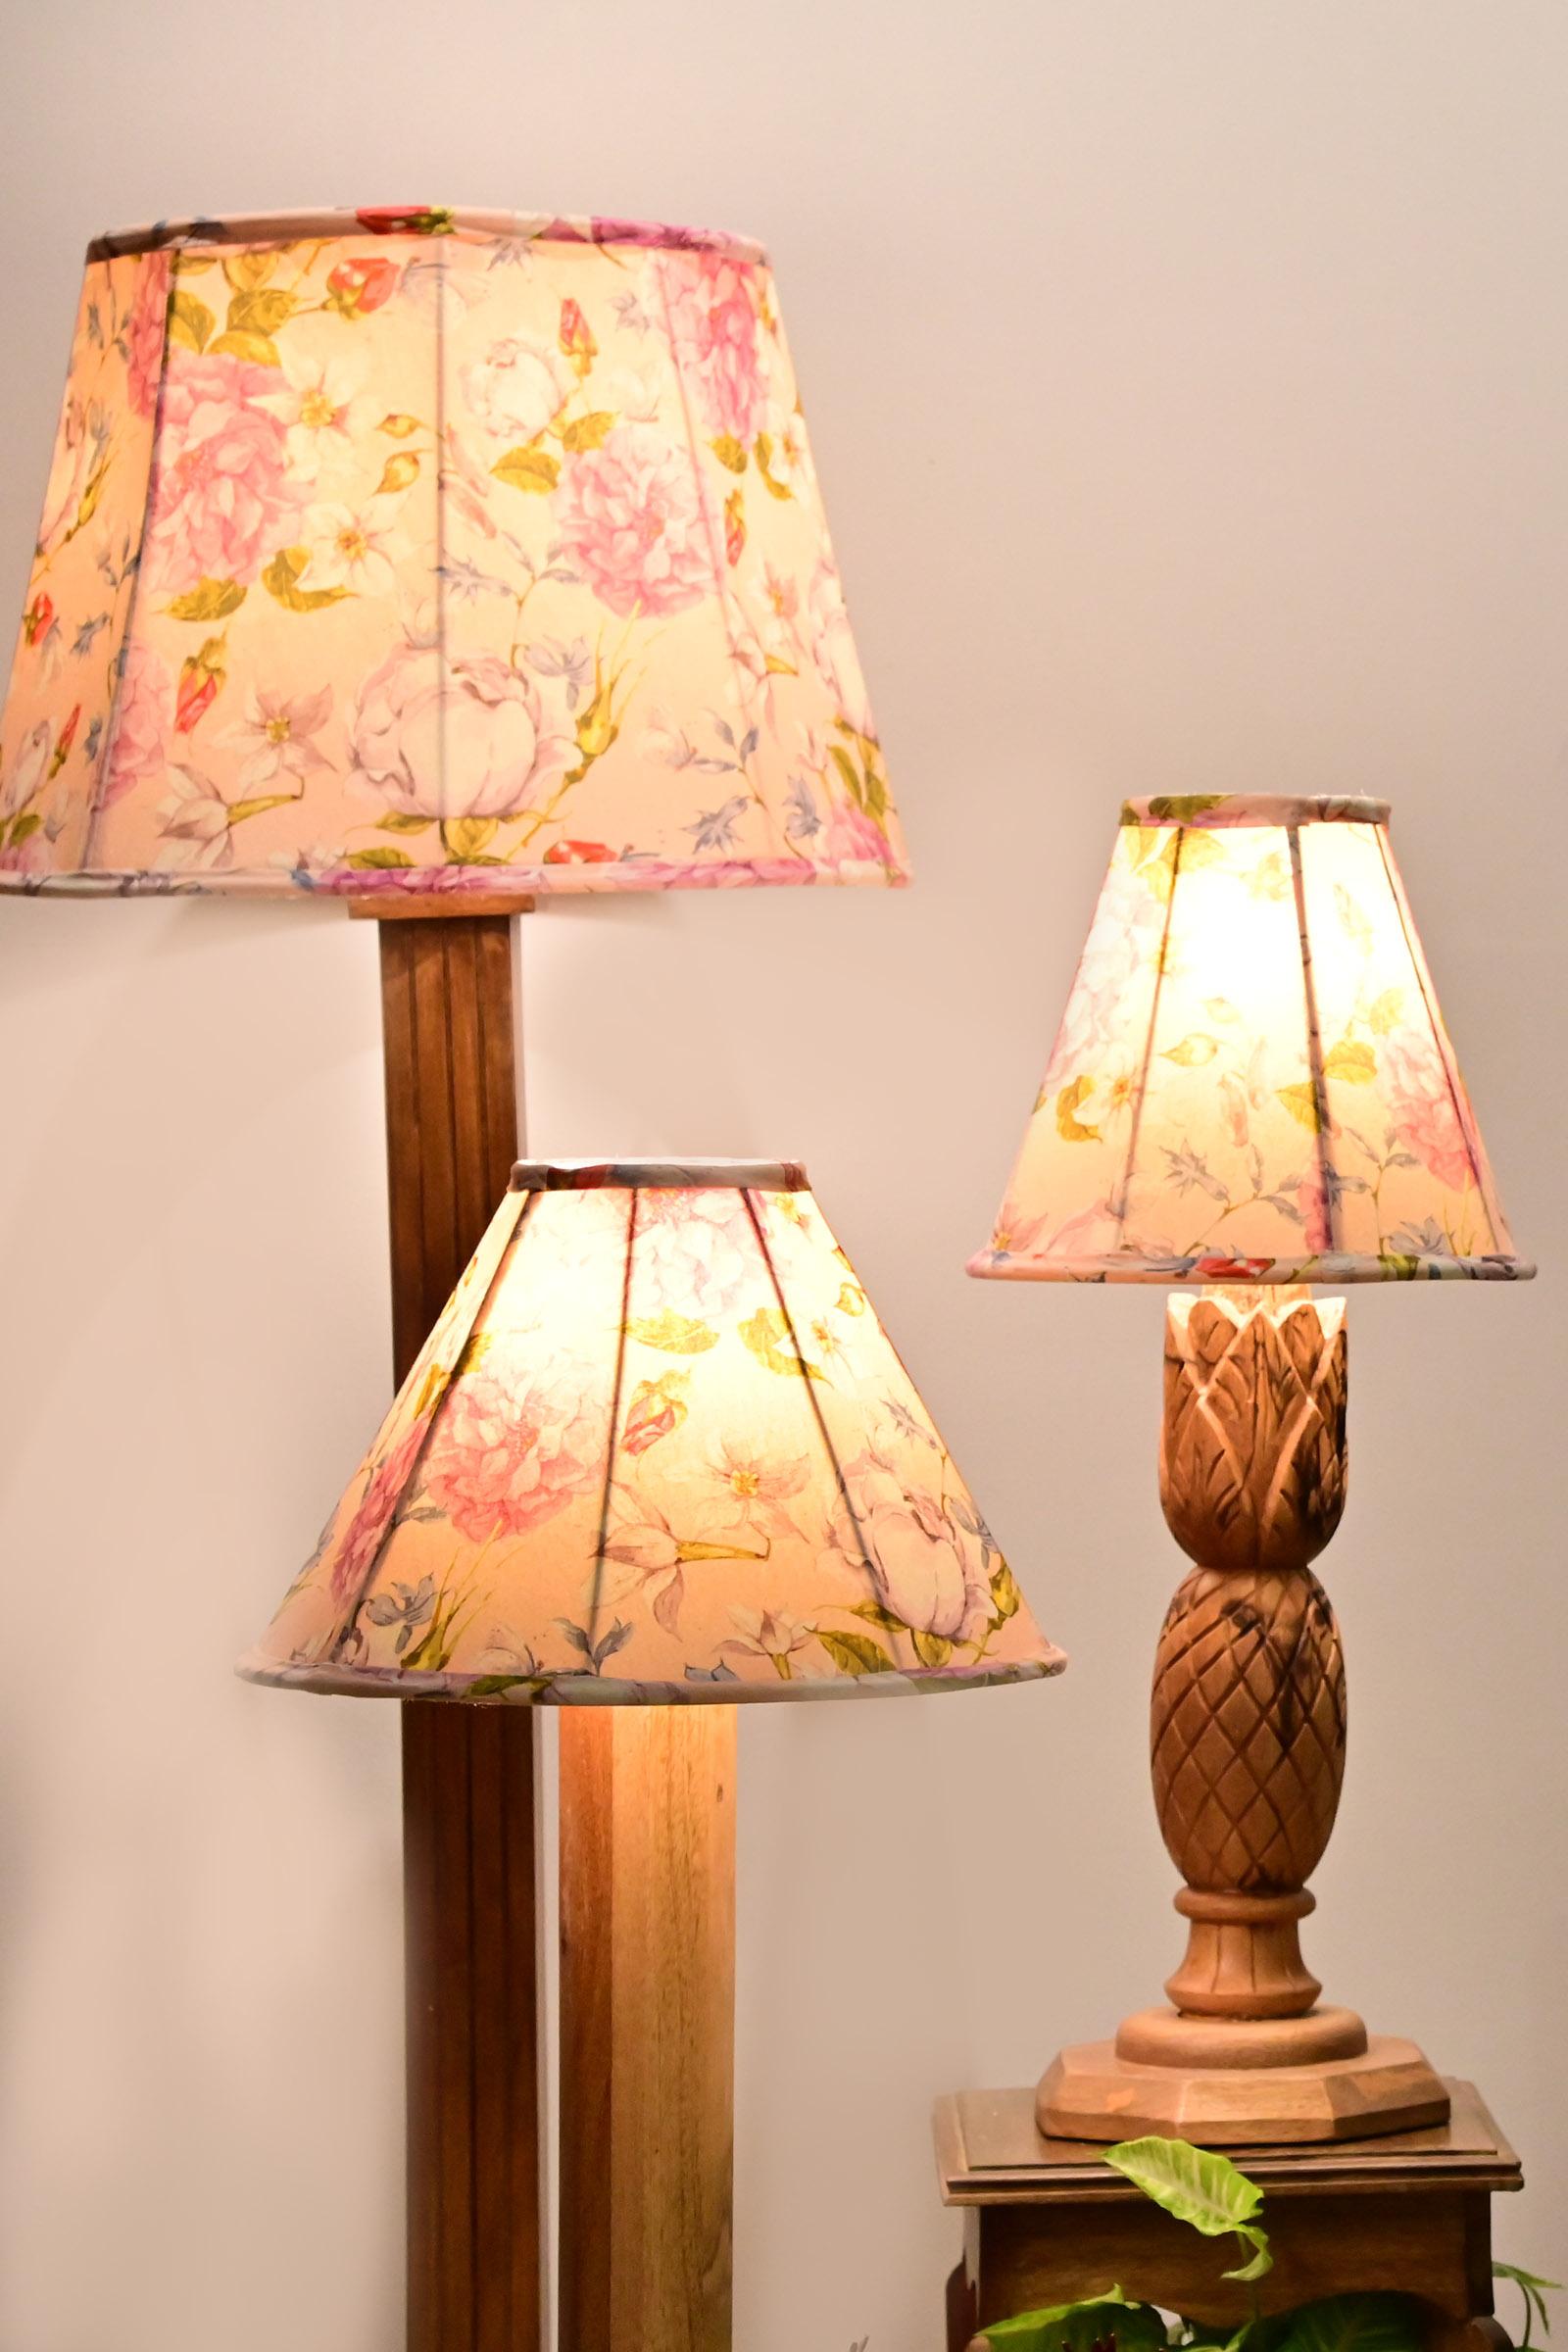 Peony Small Lamp Shade